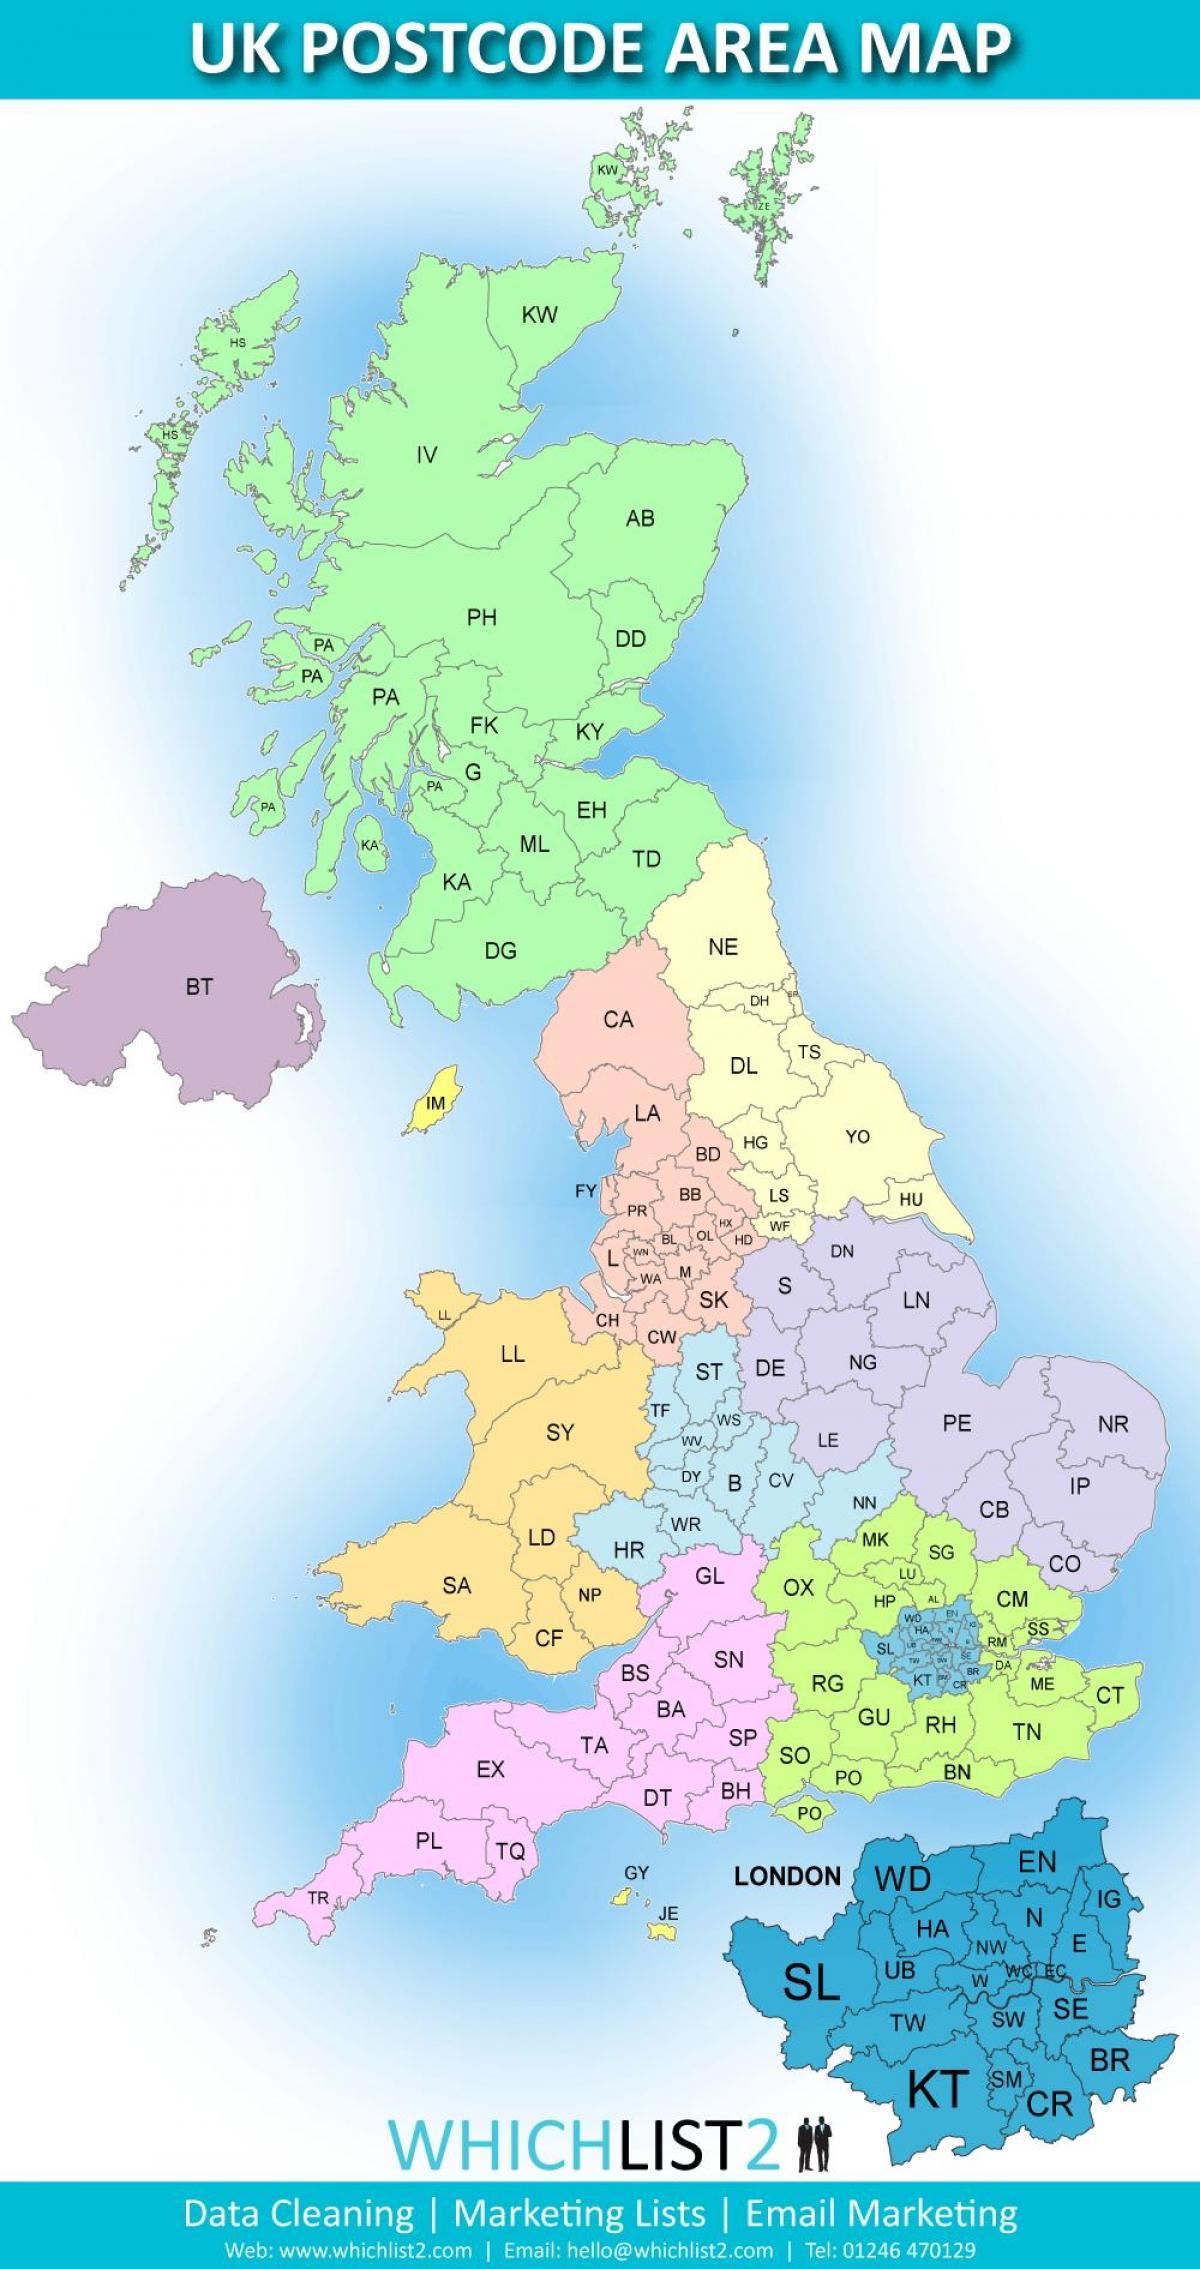 المملكة المتحدة الرمز البريدي خريطة المملكة المتحدة الرمز البريدي خريطة المنطقة شمال أوروبا أوروبا